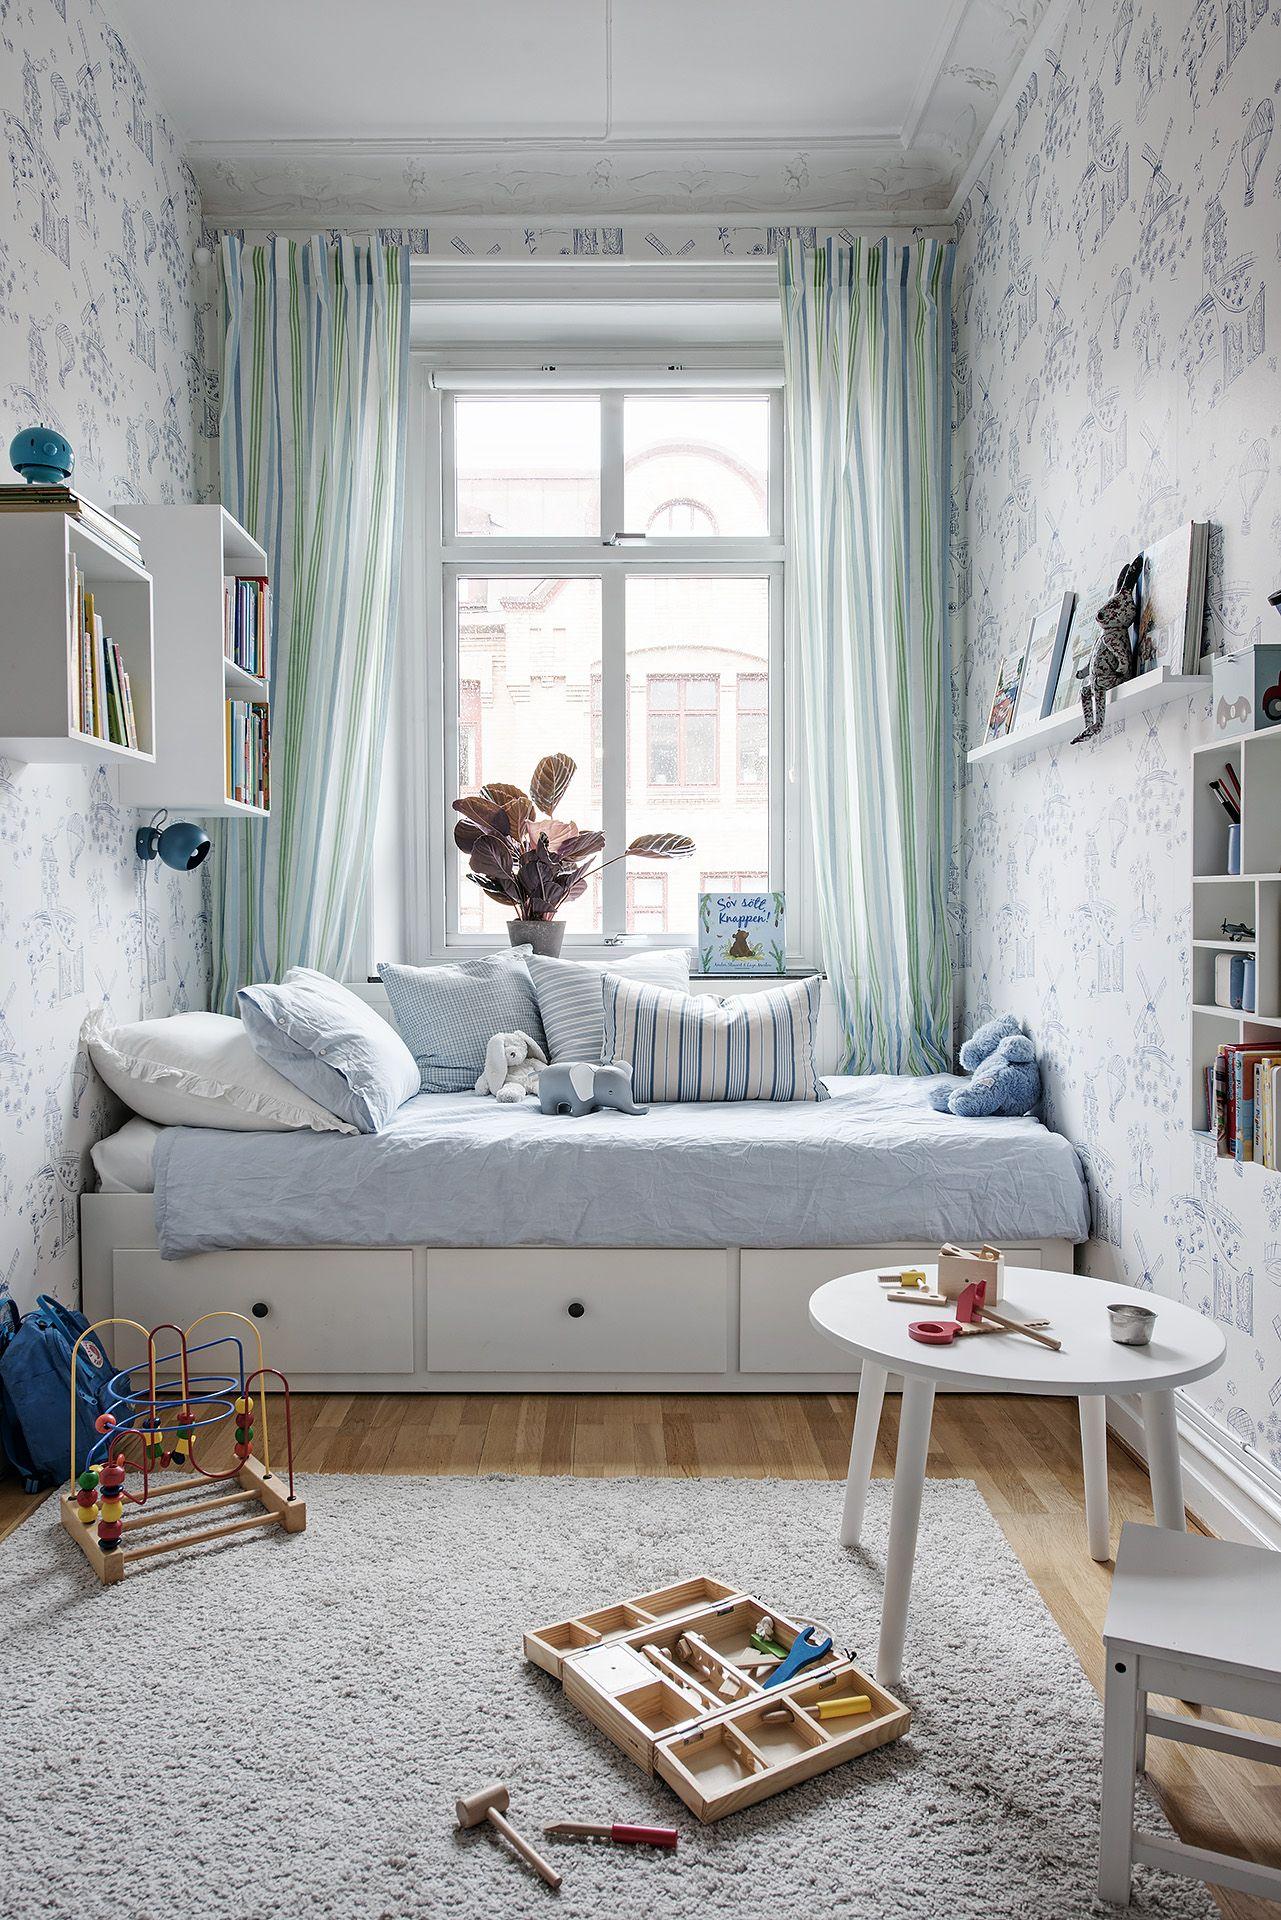 Attraktiv Kleines Gästezimmer Einrichten Das Beste Von Is To Me   Interior Inspiration  